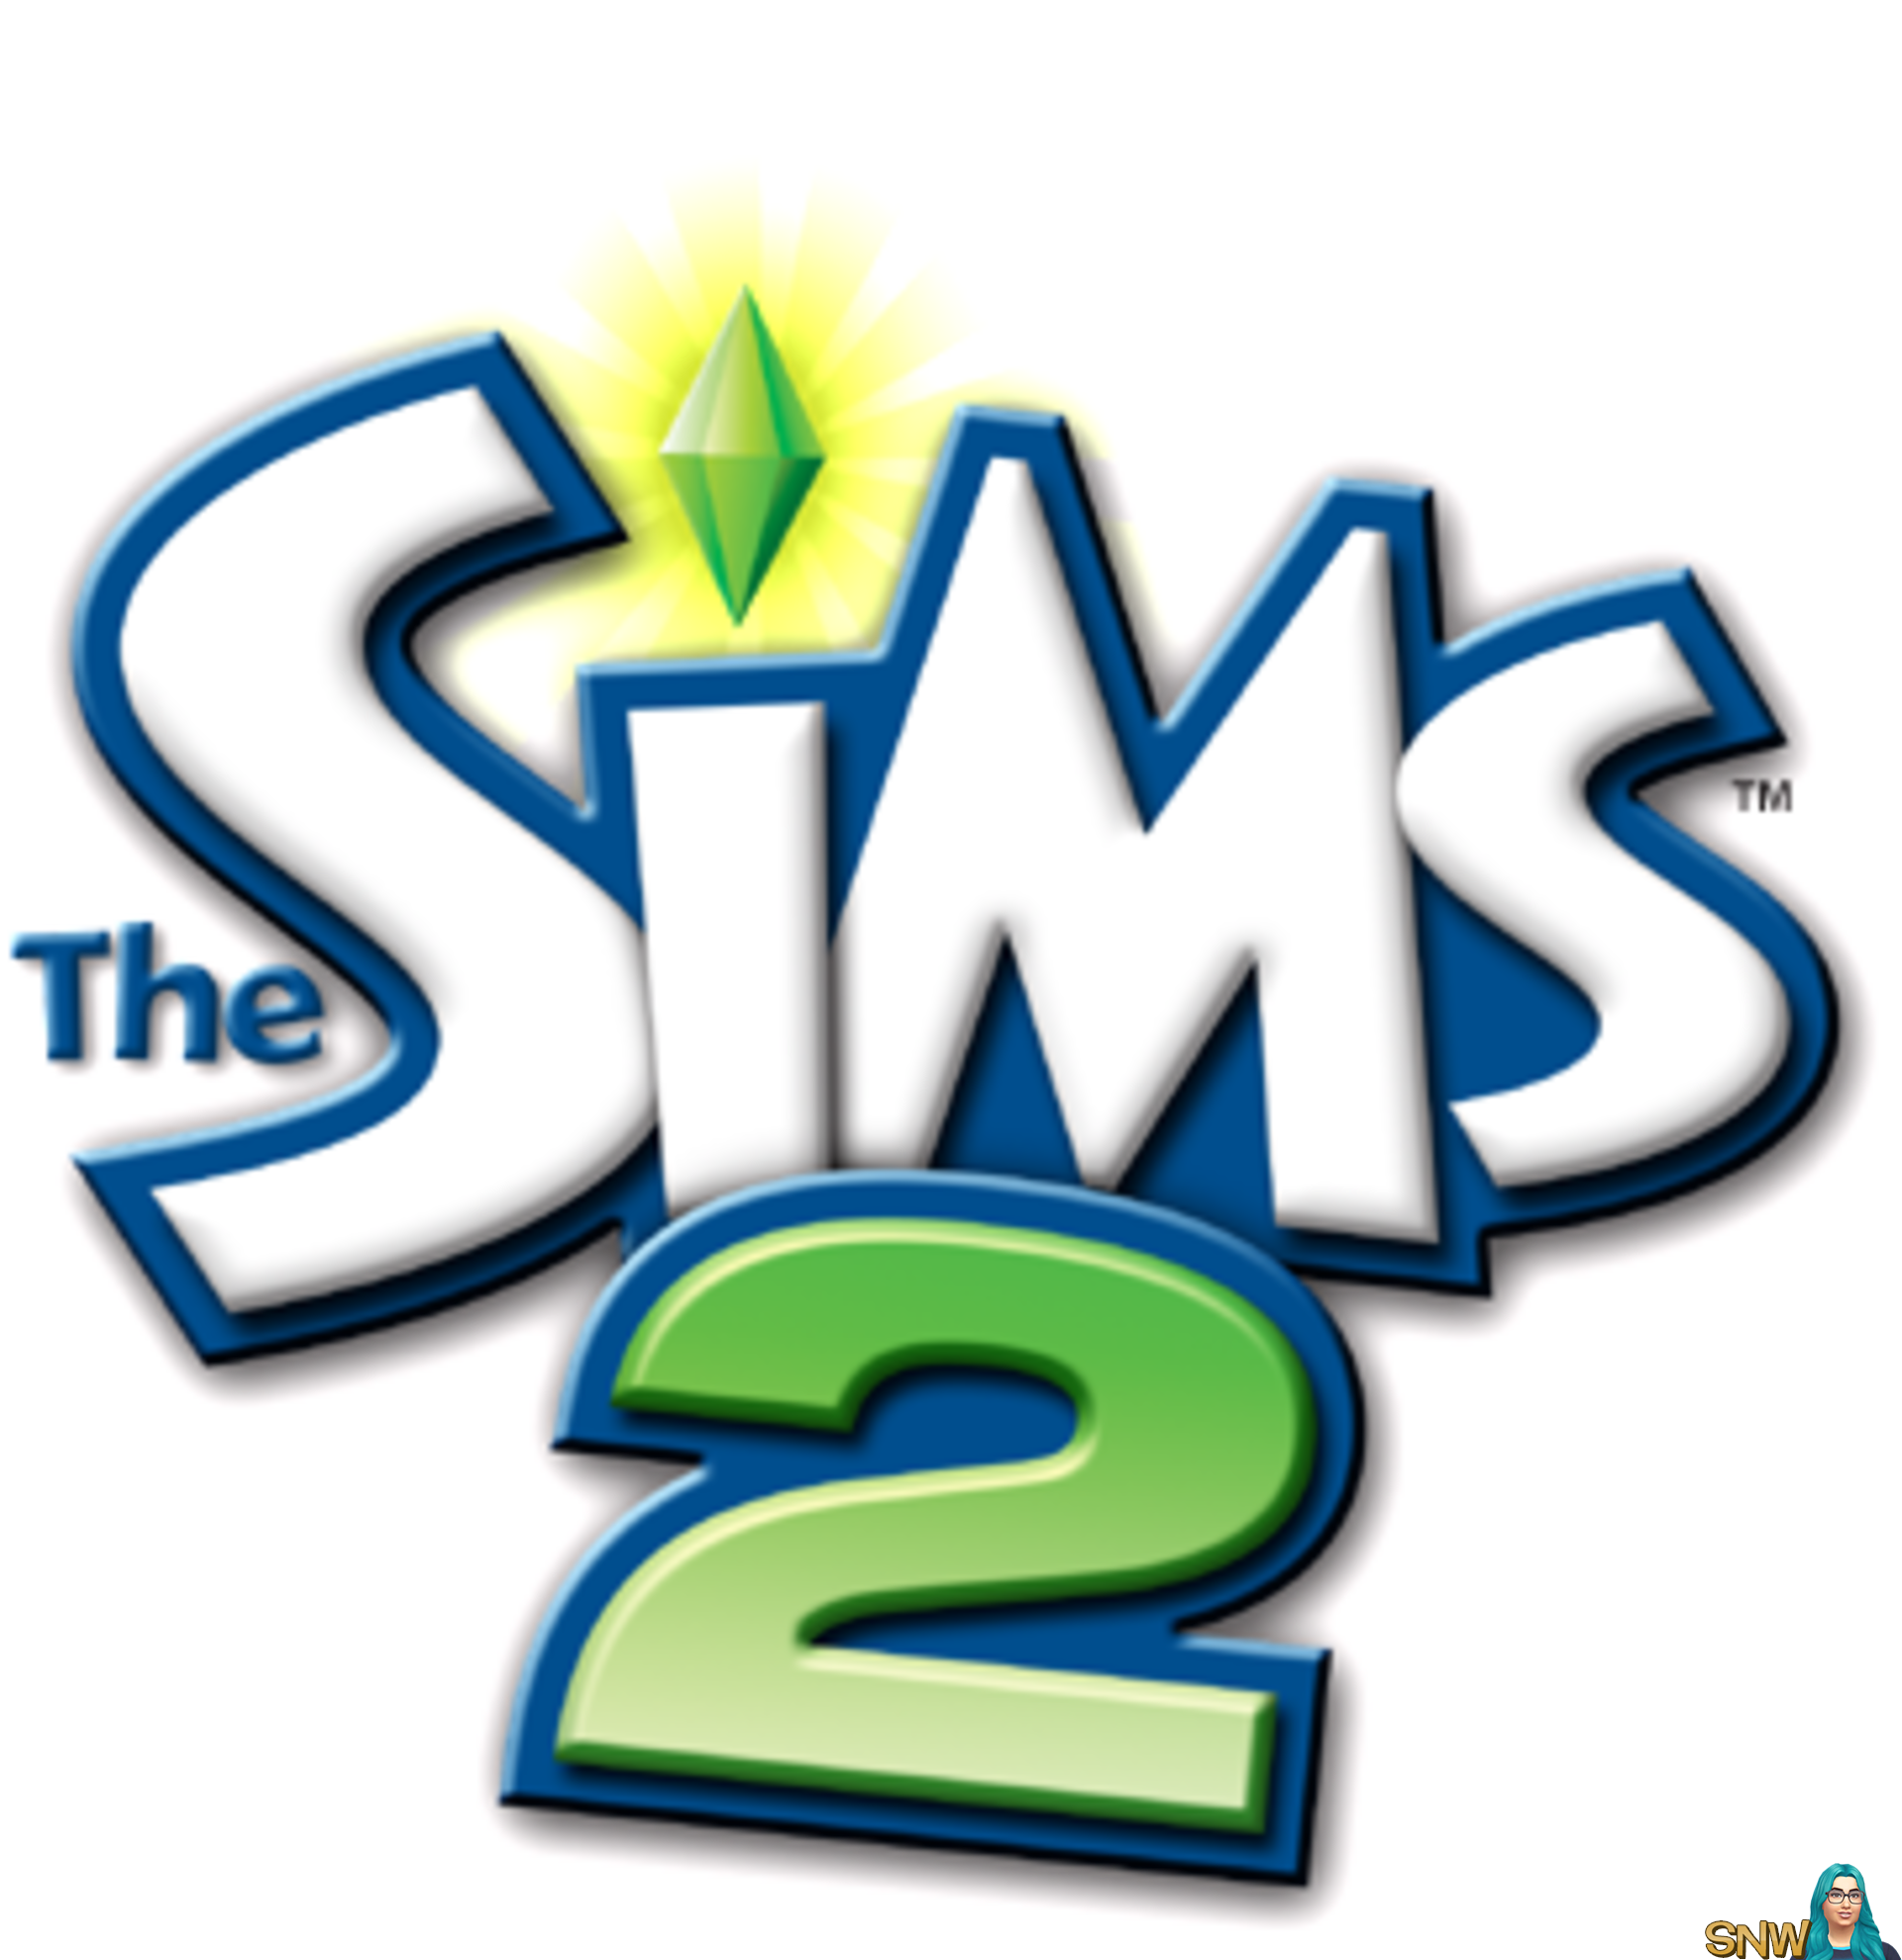 The Sims 2 logo